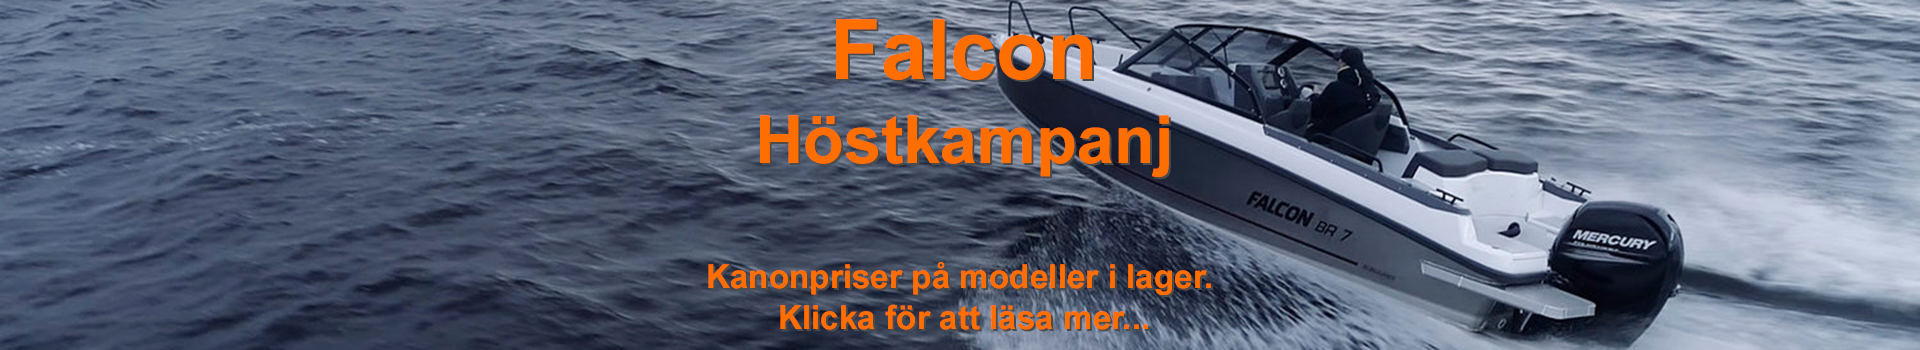 Falcon sensommarkampanj 2019